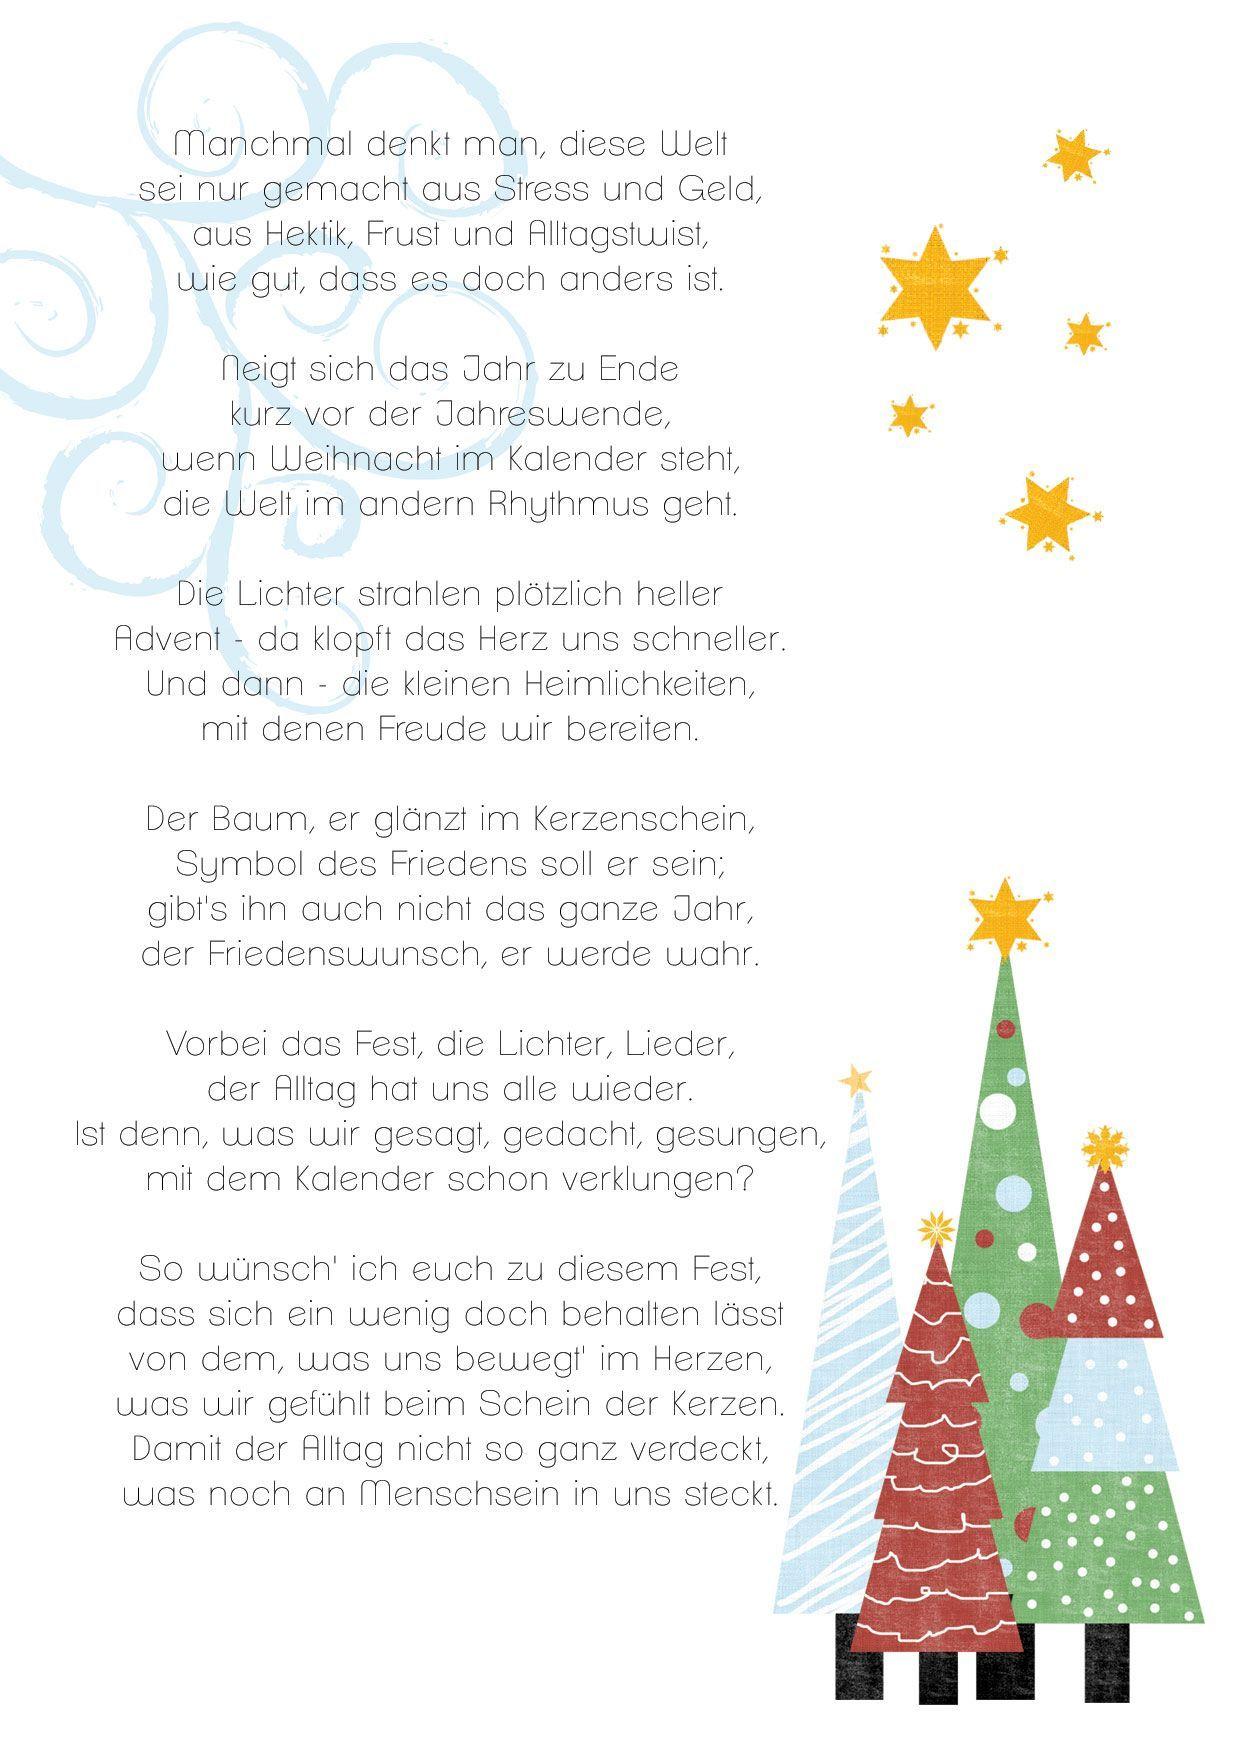 Da Brennt Schon Die Zweite Kerze Wie Schnell Das Doch Geht Zeit Die Weihnachtspost Zu Schreiben S Gedicht Weihnachten Weihnachtspost Weihnachten Geschichte